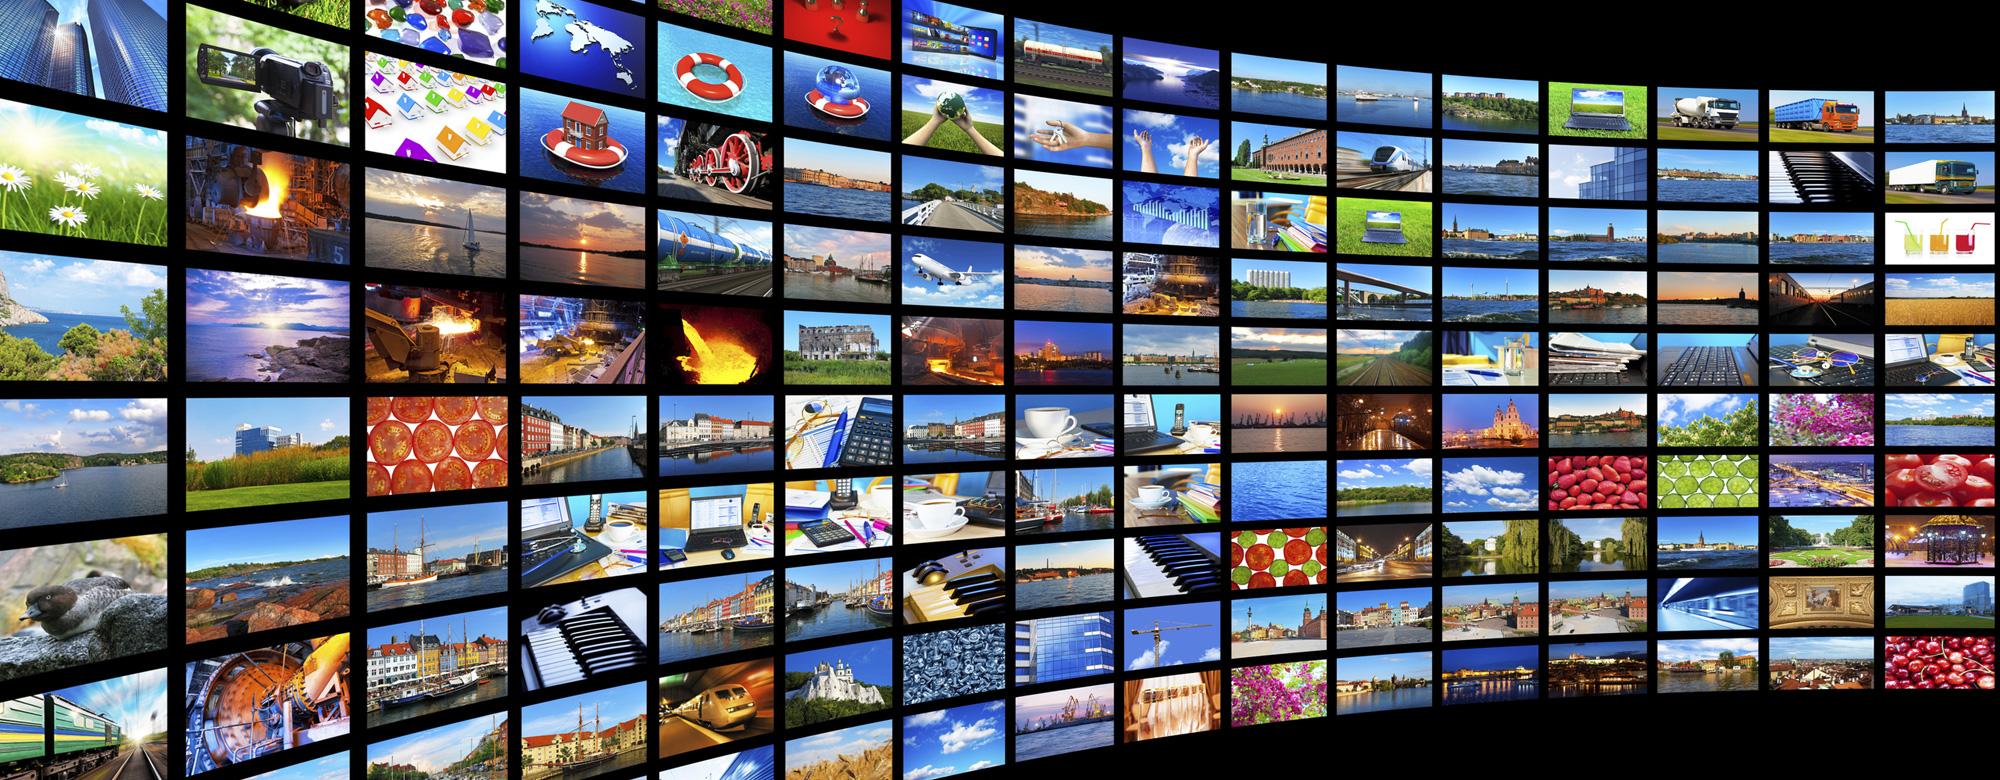 Media, comunicazione e spettacolo